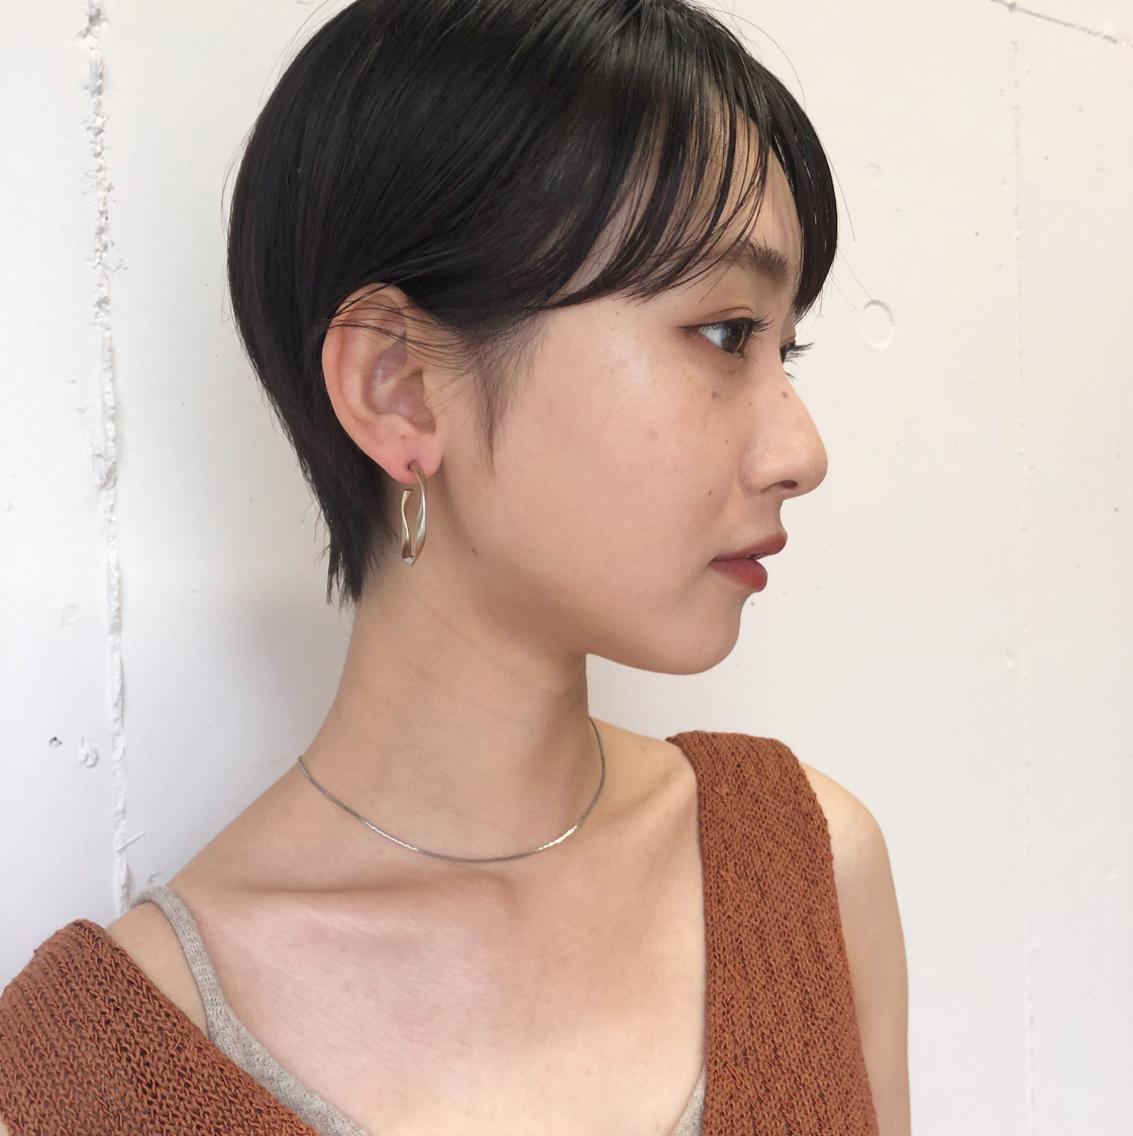 12月限定★ヘアカラーorパーマ 3stepトリートメント付き¥3000円